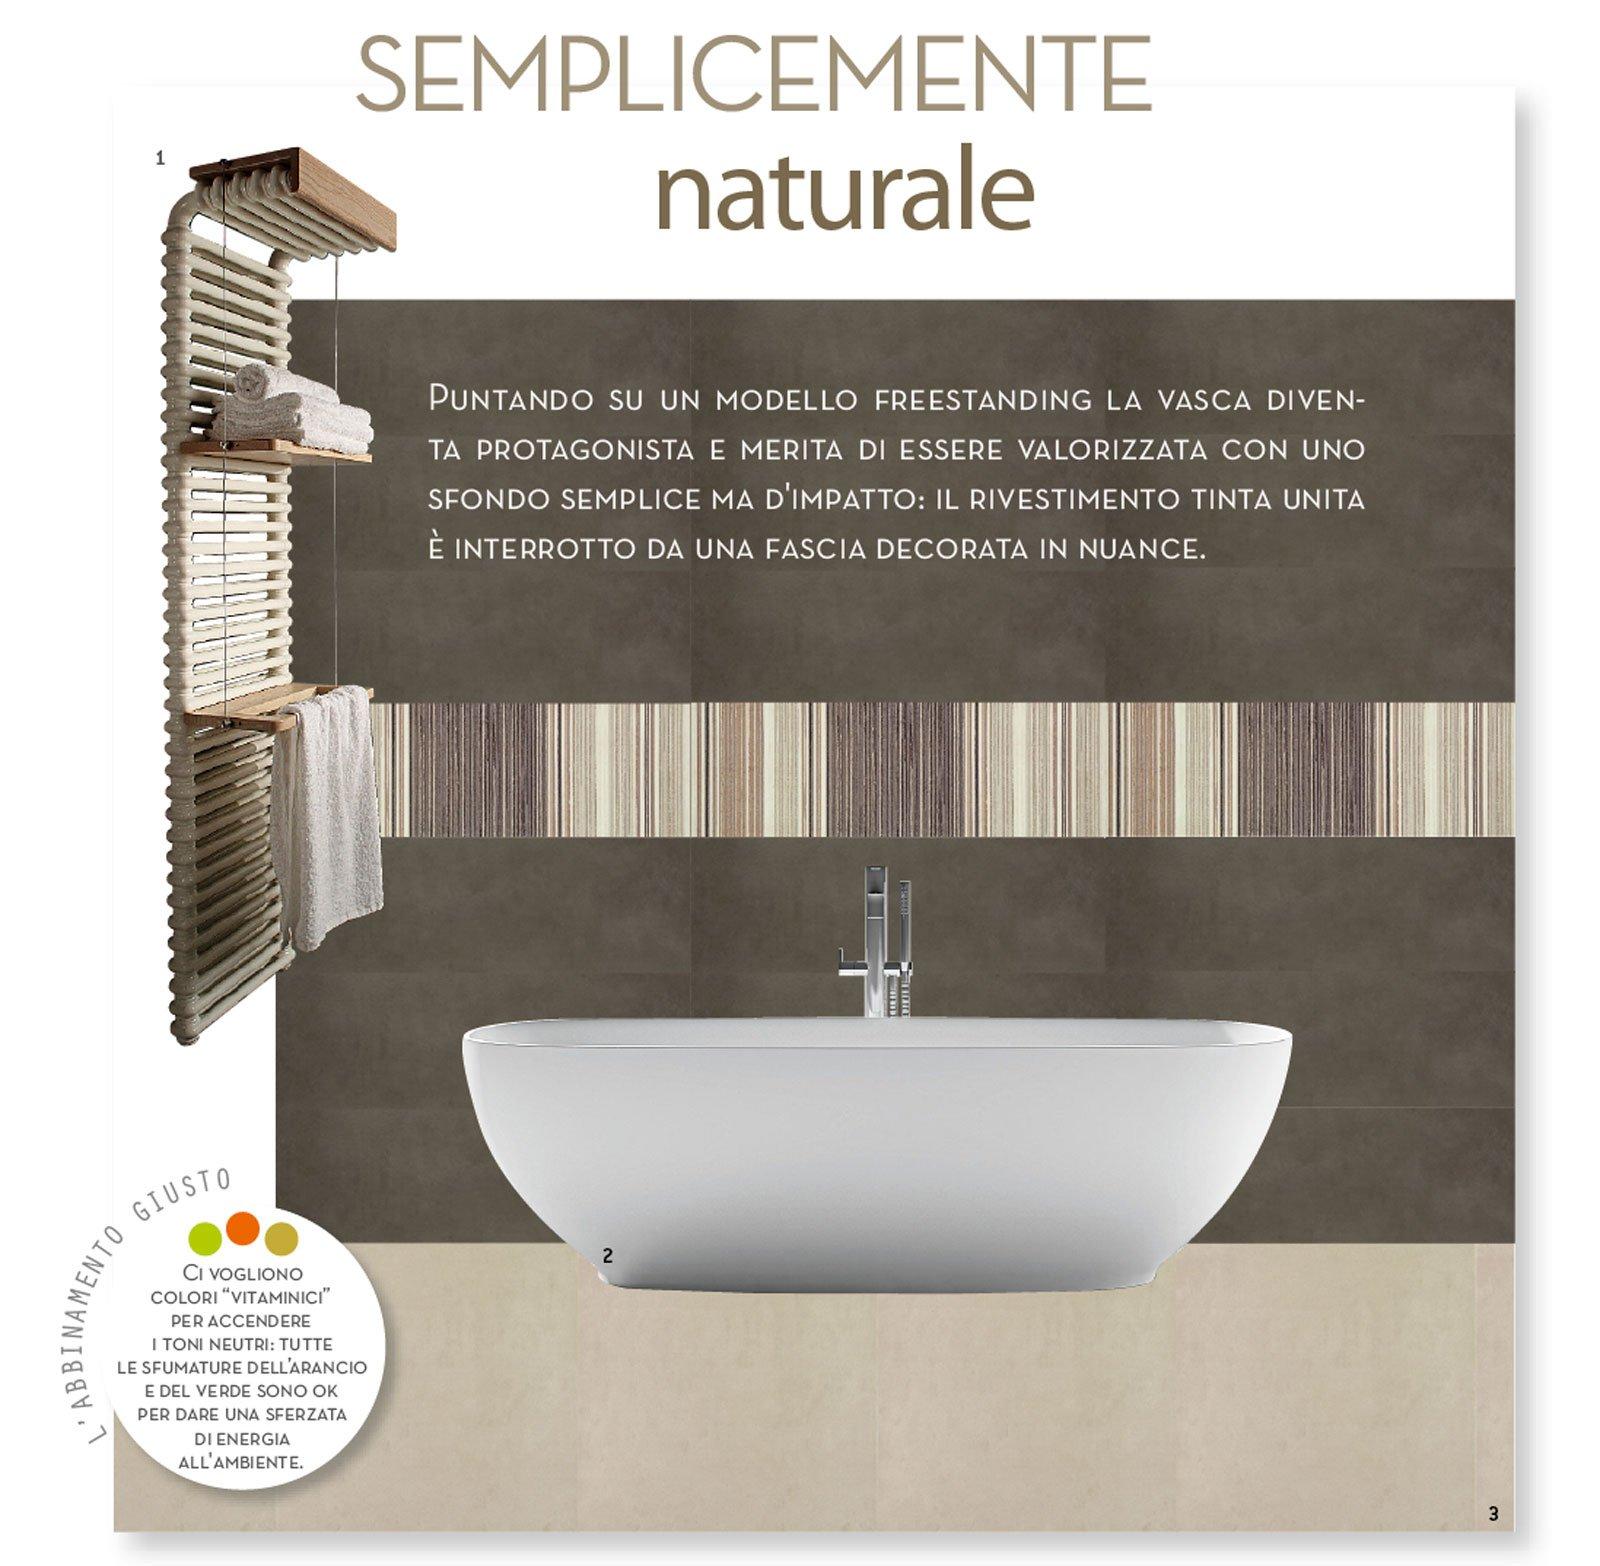 100+ [ composizione piastrelle bagno ] | pavimenti in gres ... - Composizione Piastrelle Bagno